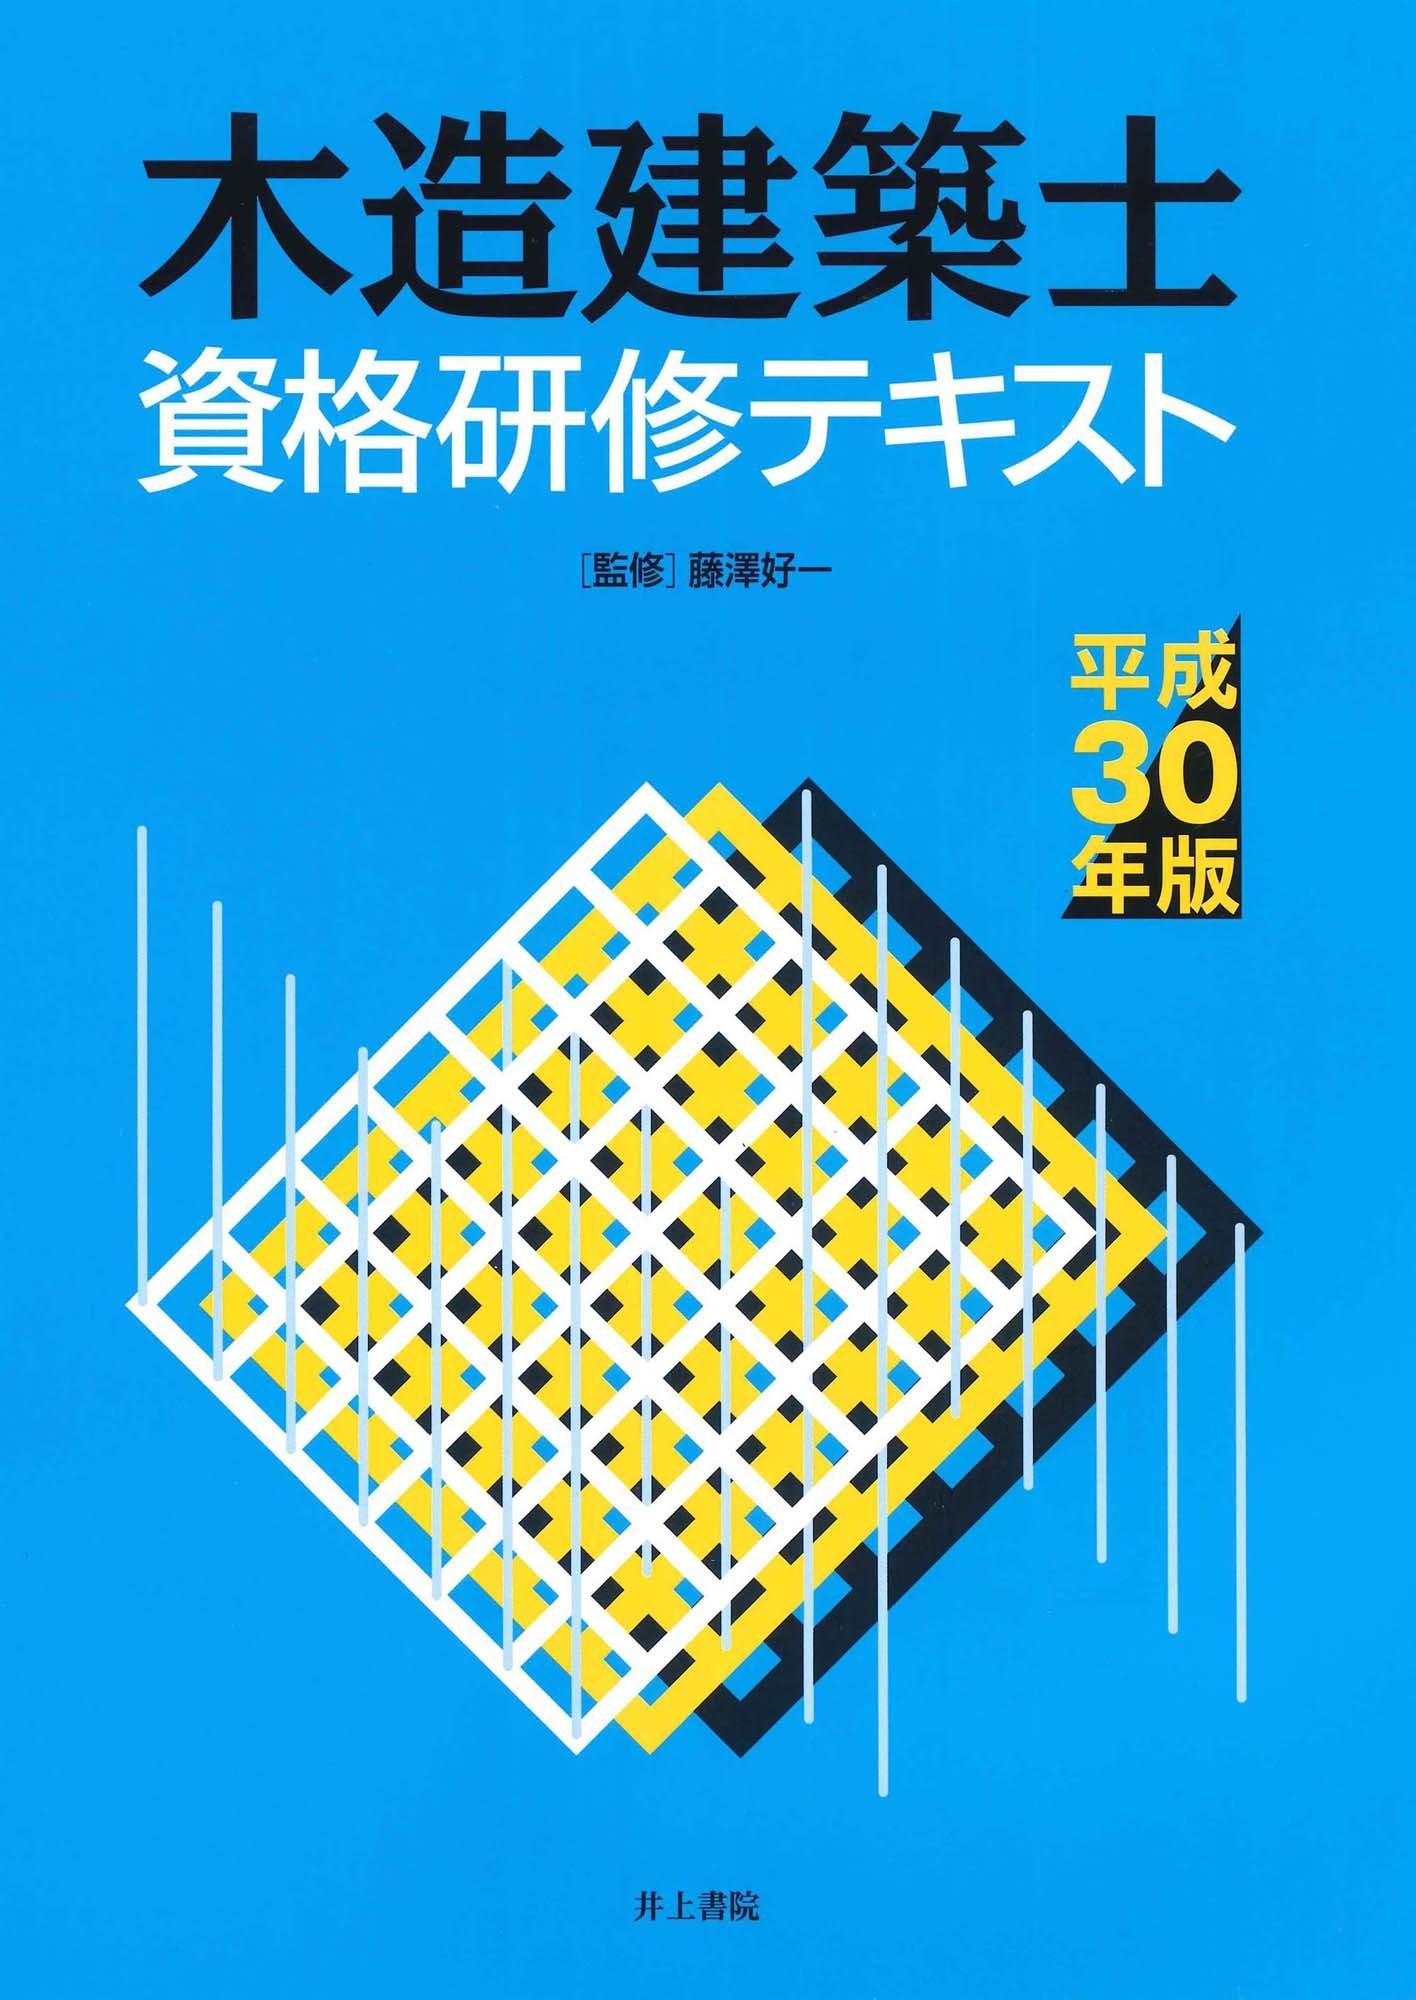 木造建築士資格研修テキスト平成30年版